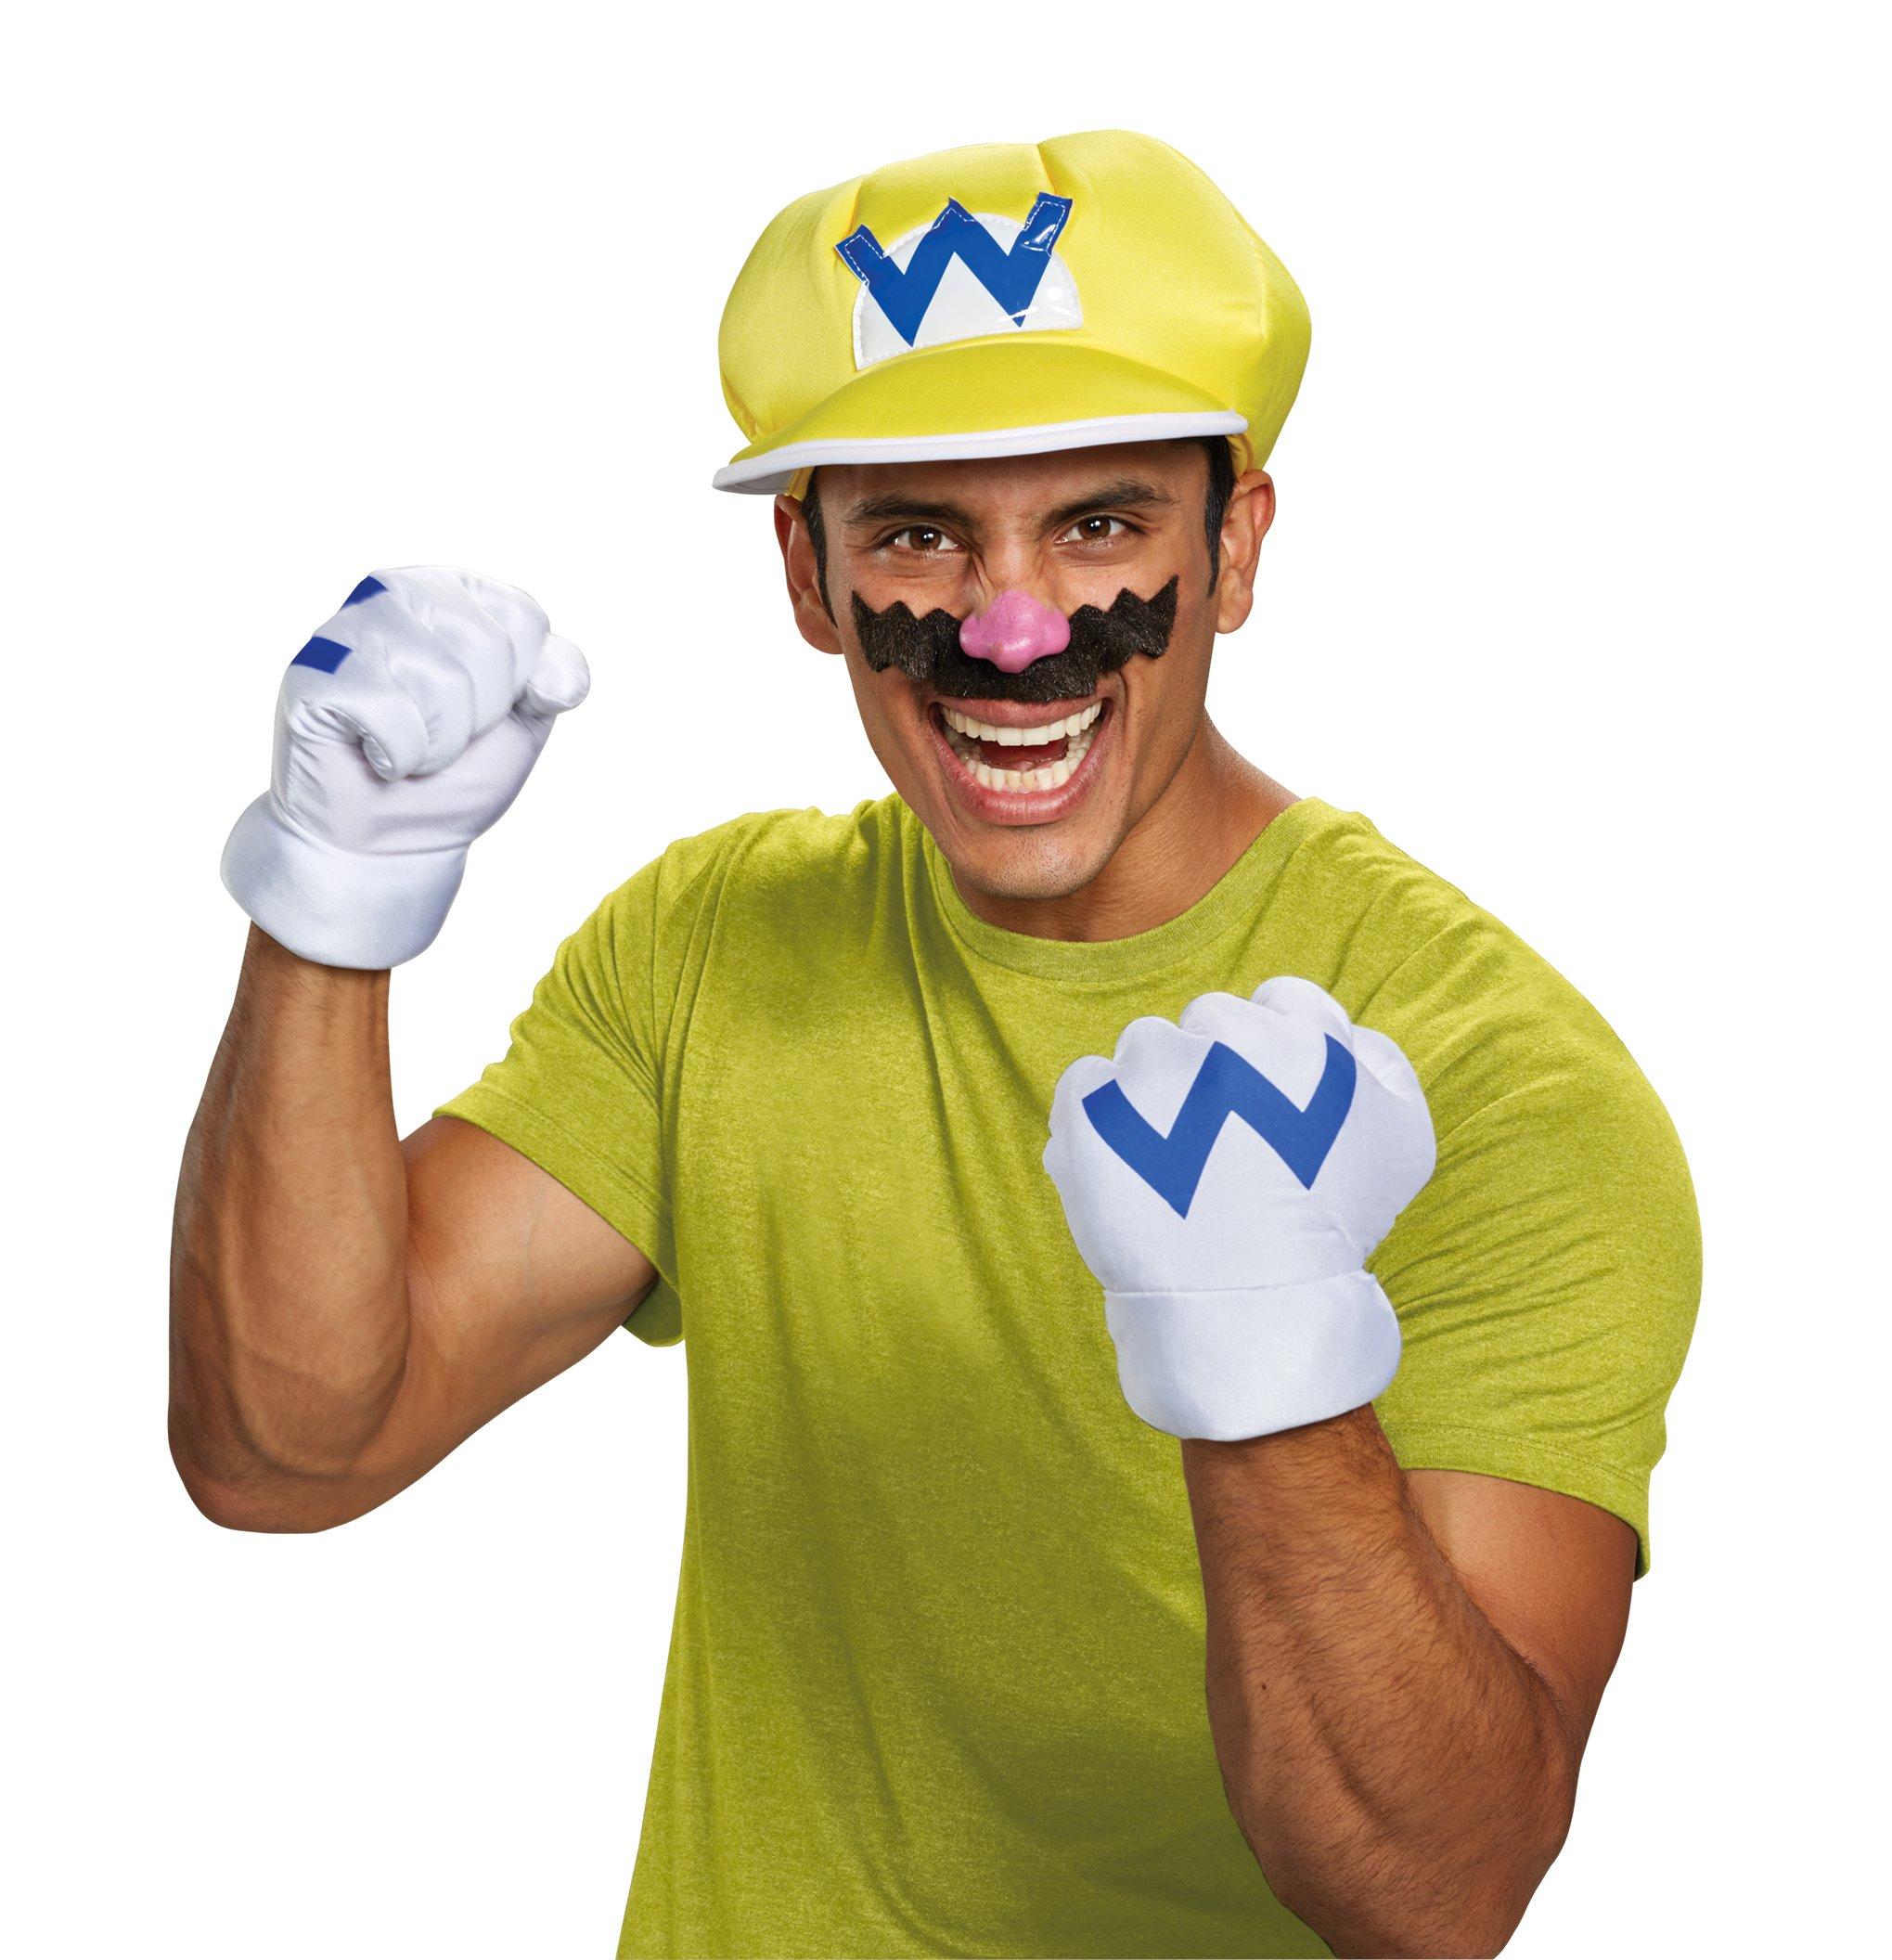 Wario Super Mario Bros. Nintendo Child Costume Kit